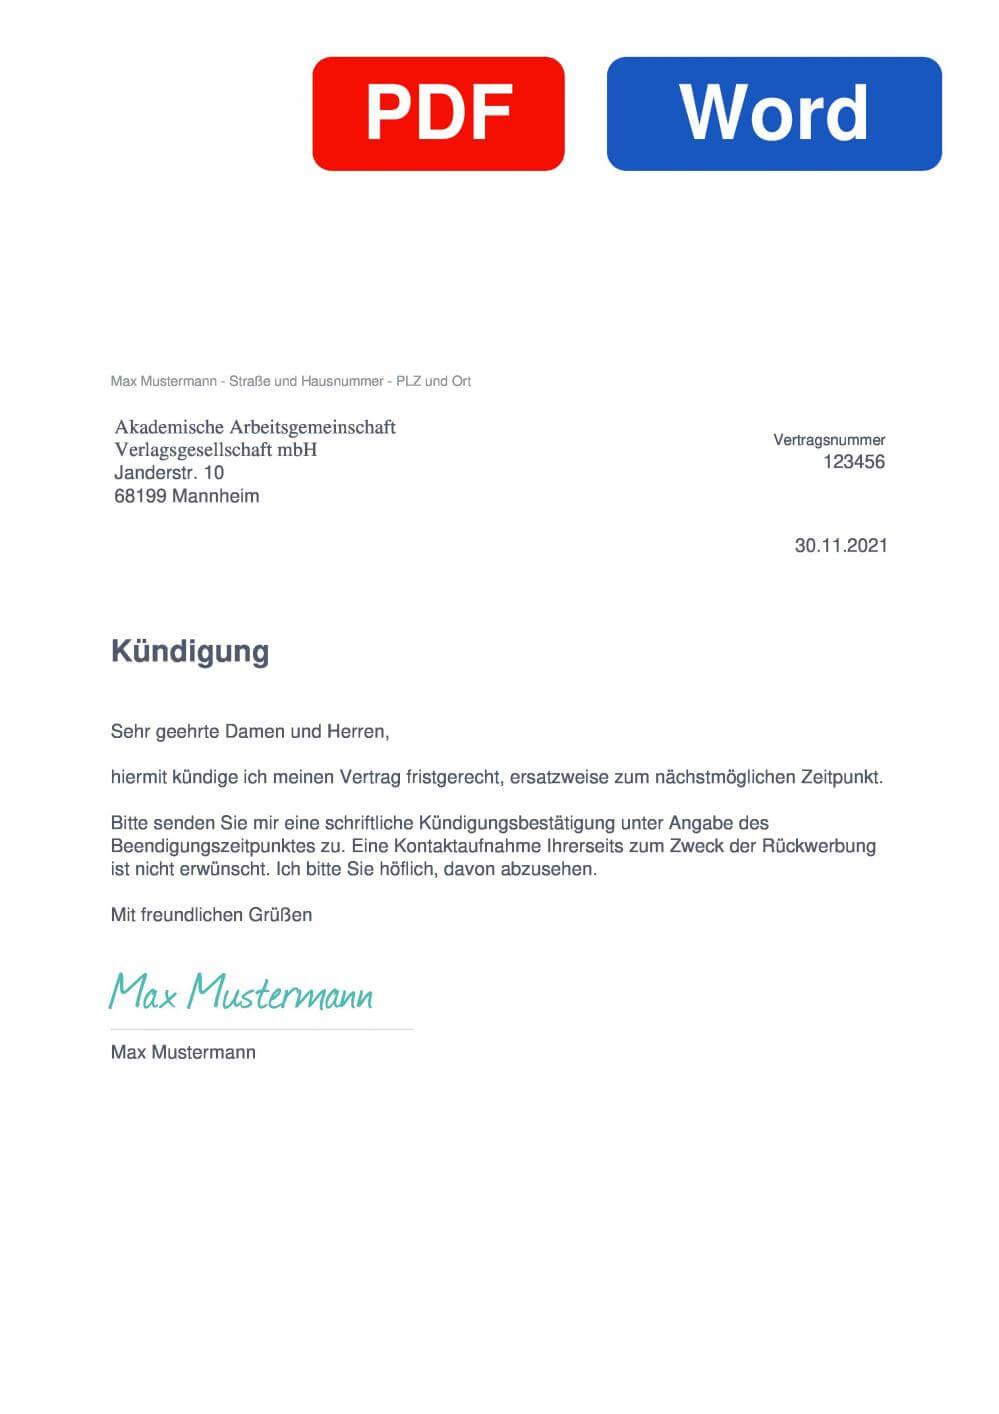 Akademische Arbeitsgemeinschaft Muster Vorlage für Kündigungsschreiben